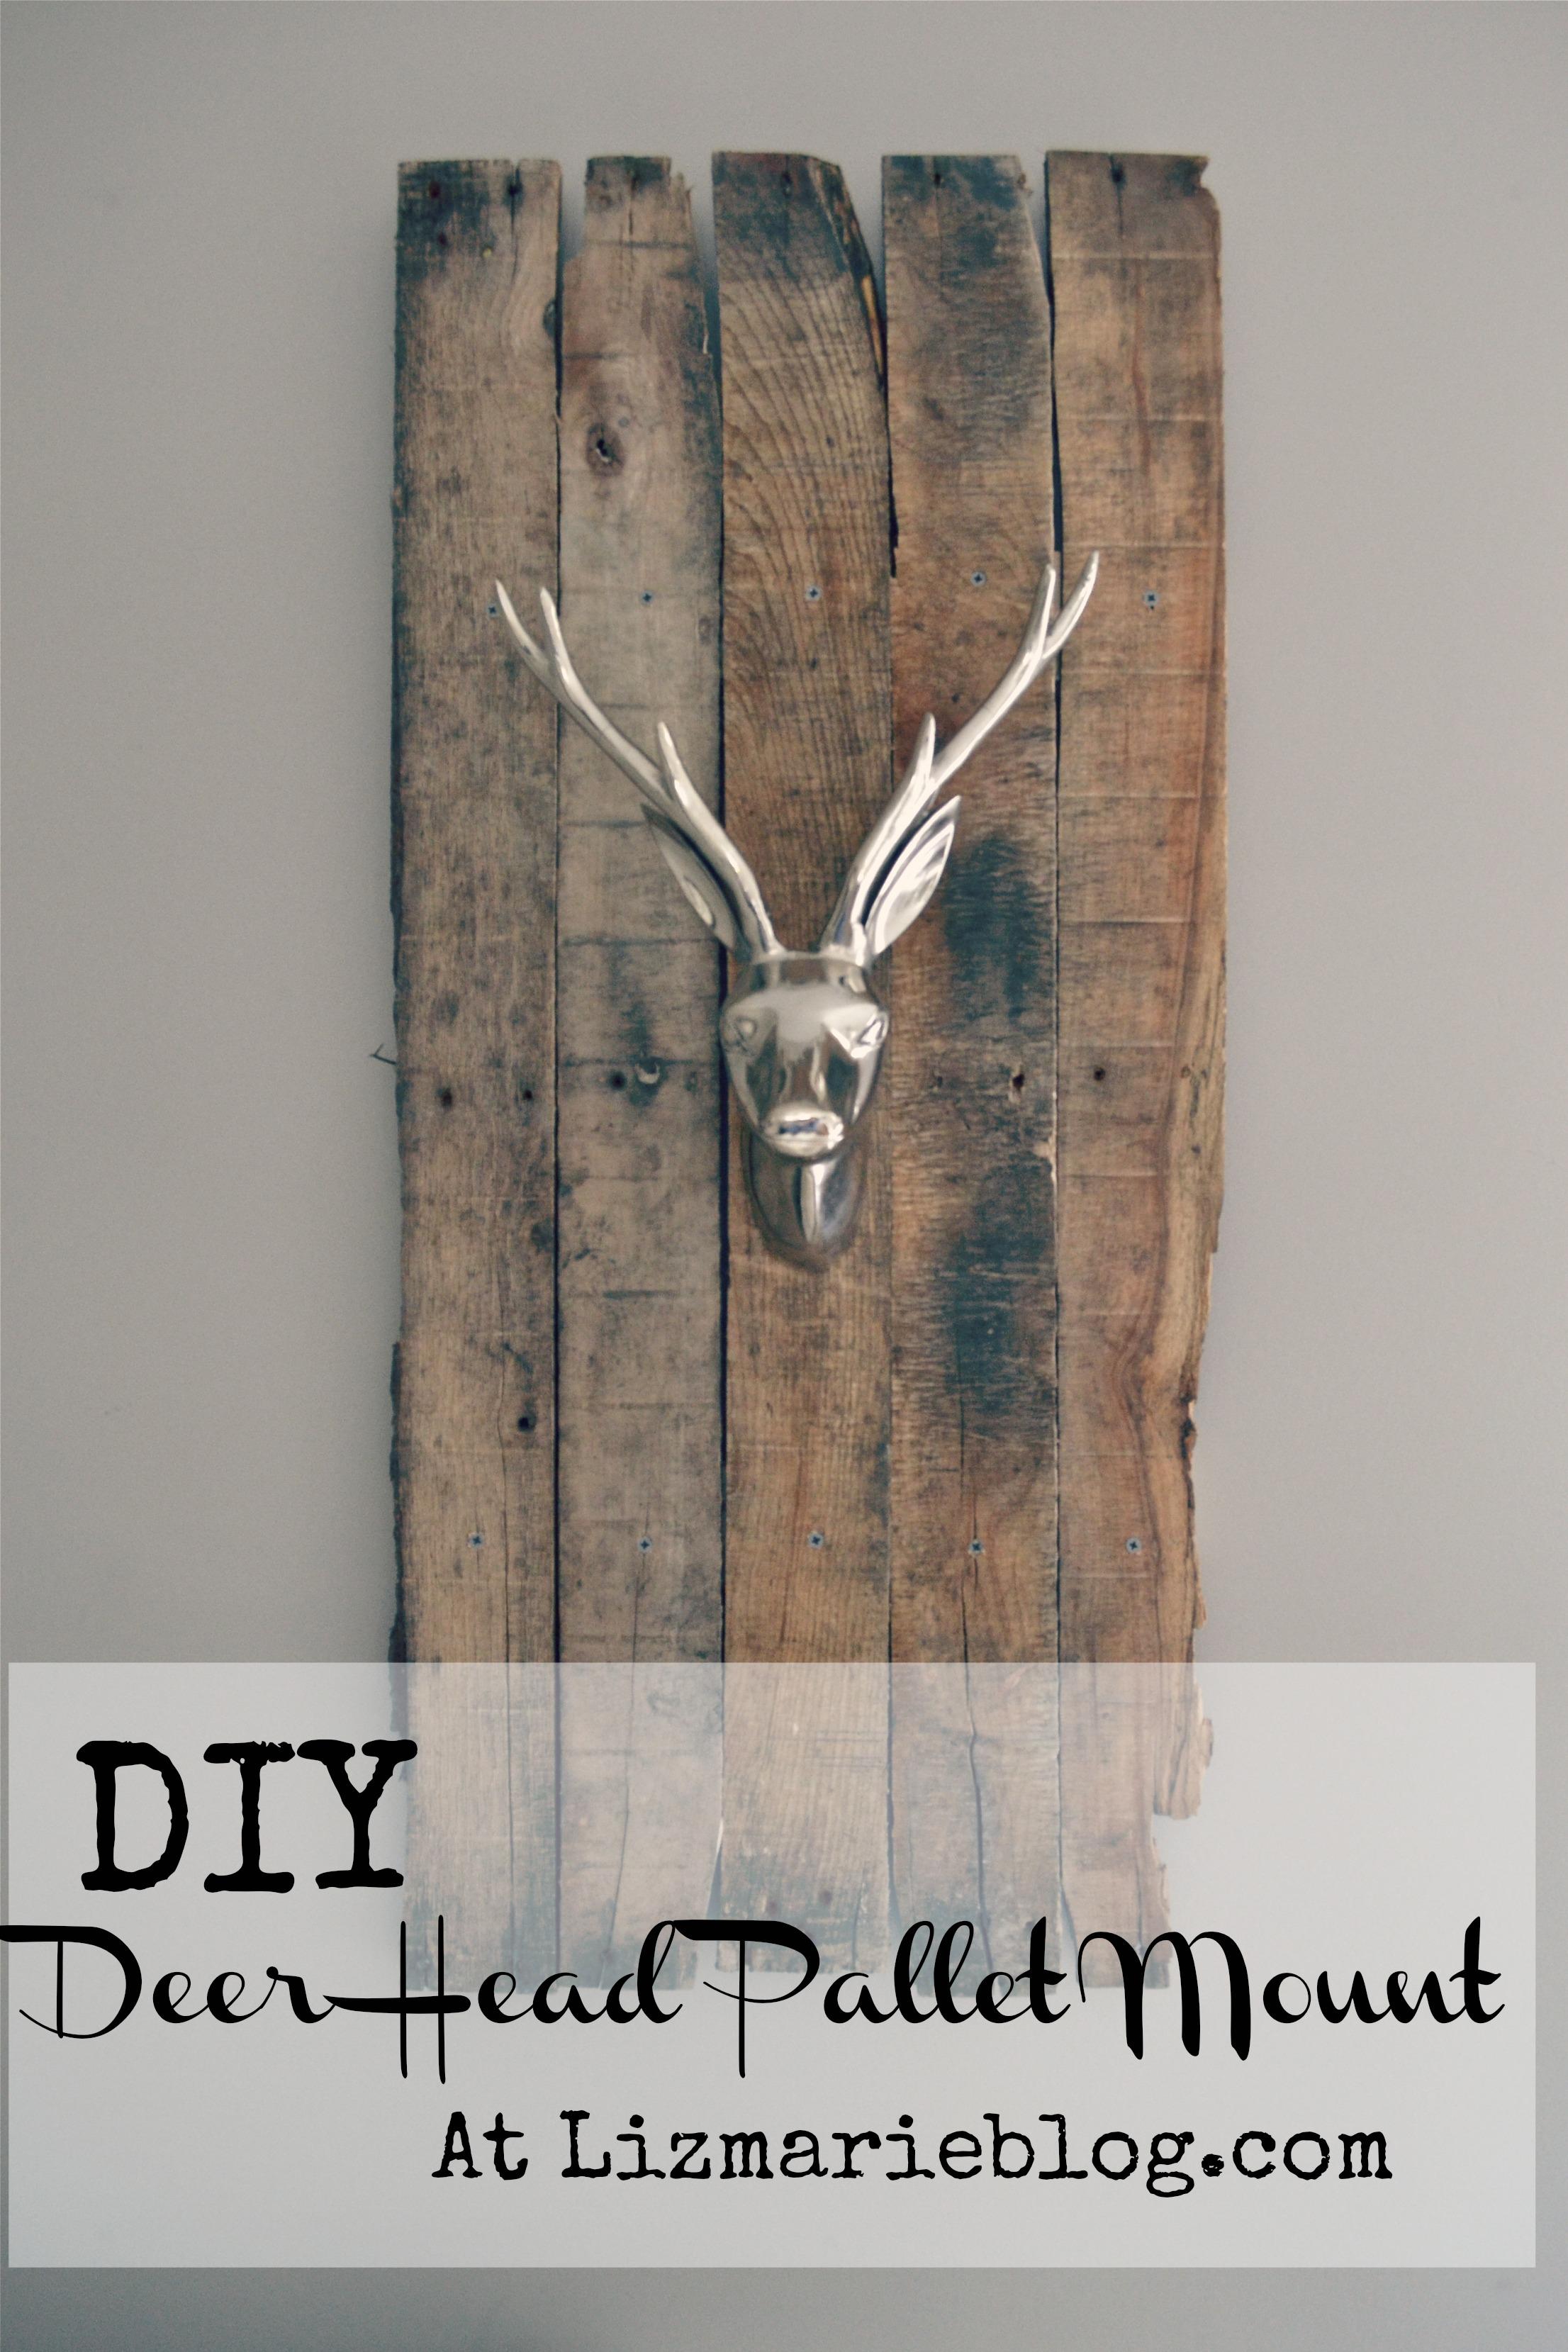 DIY Deer Head Pallet Mount